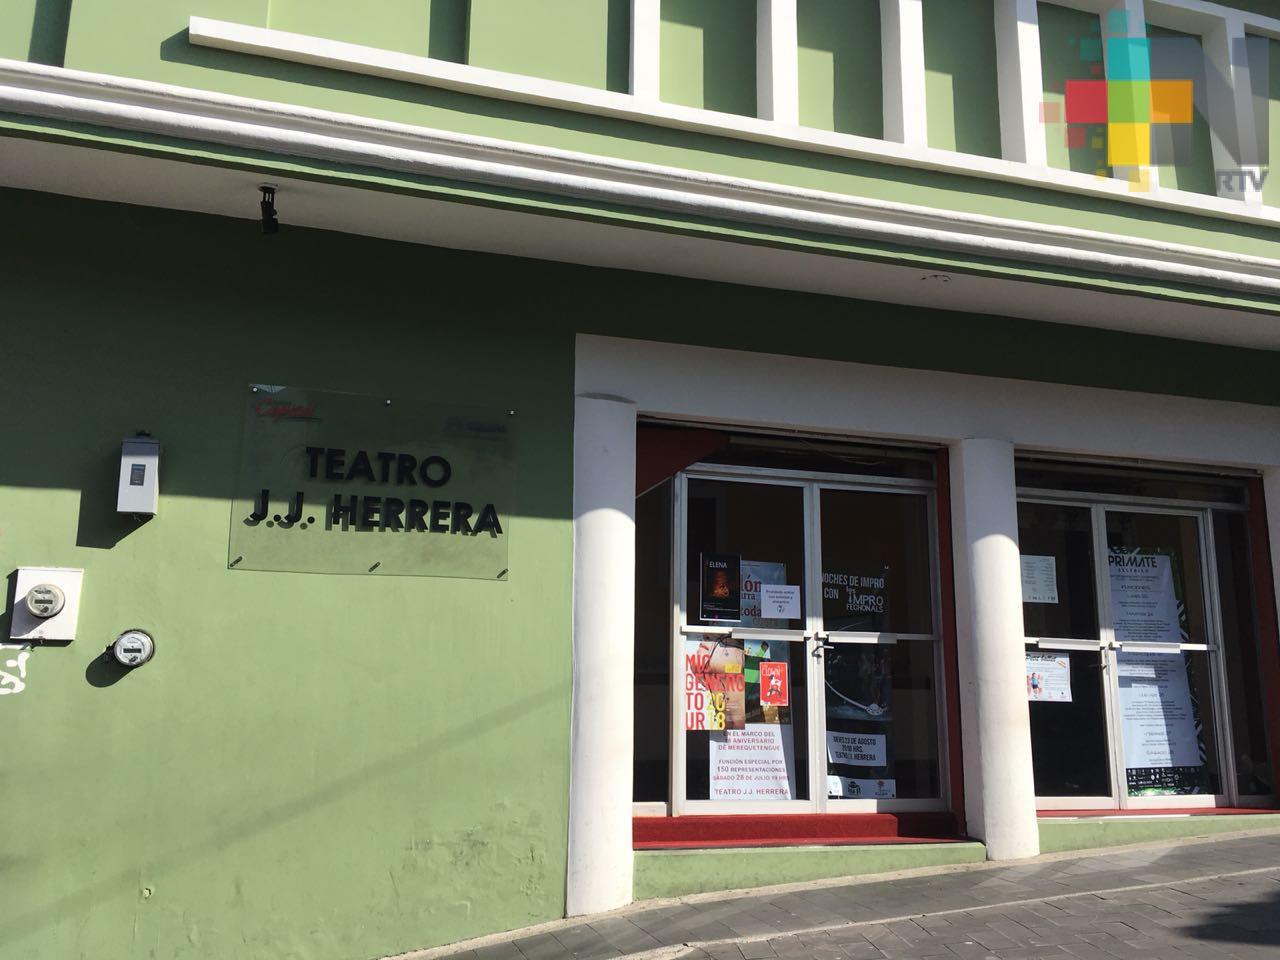 Continúan las actividades culturales en Xalapa